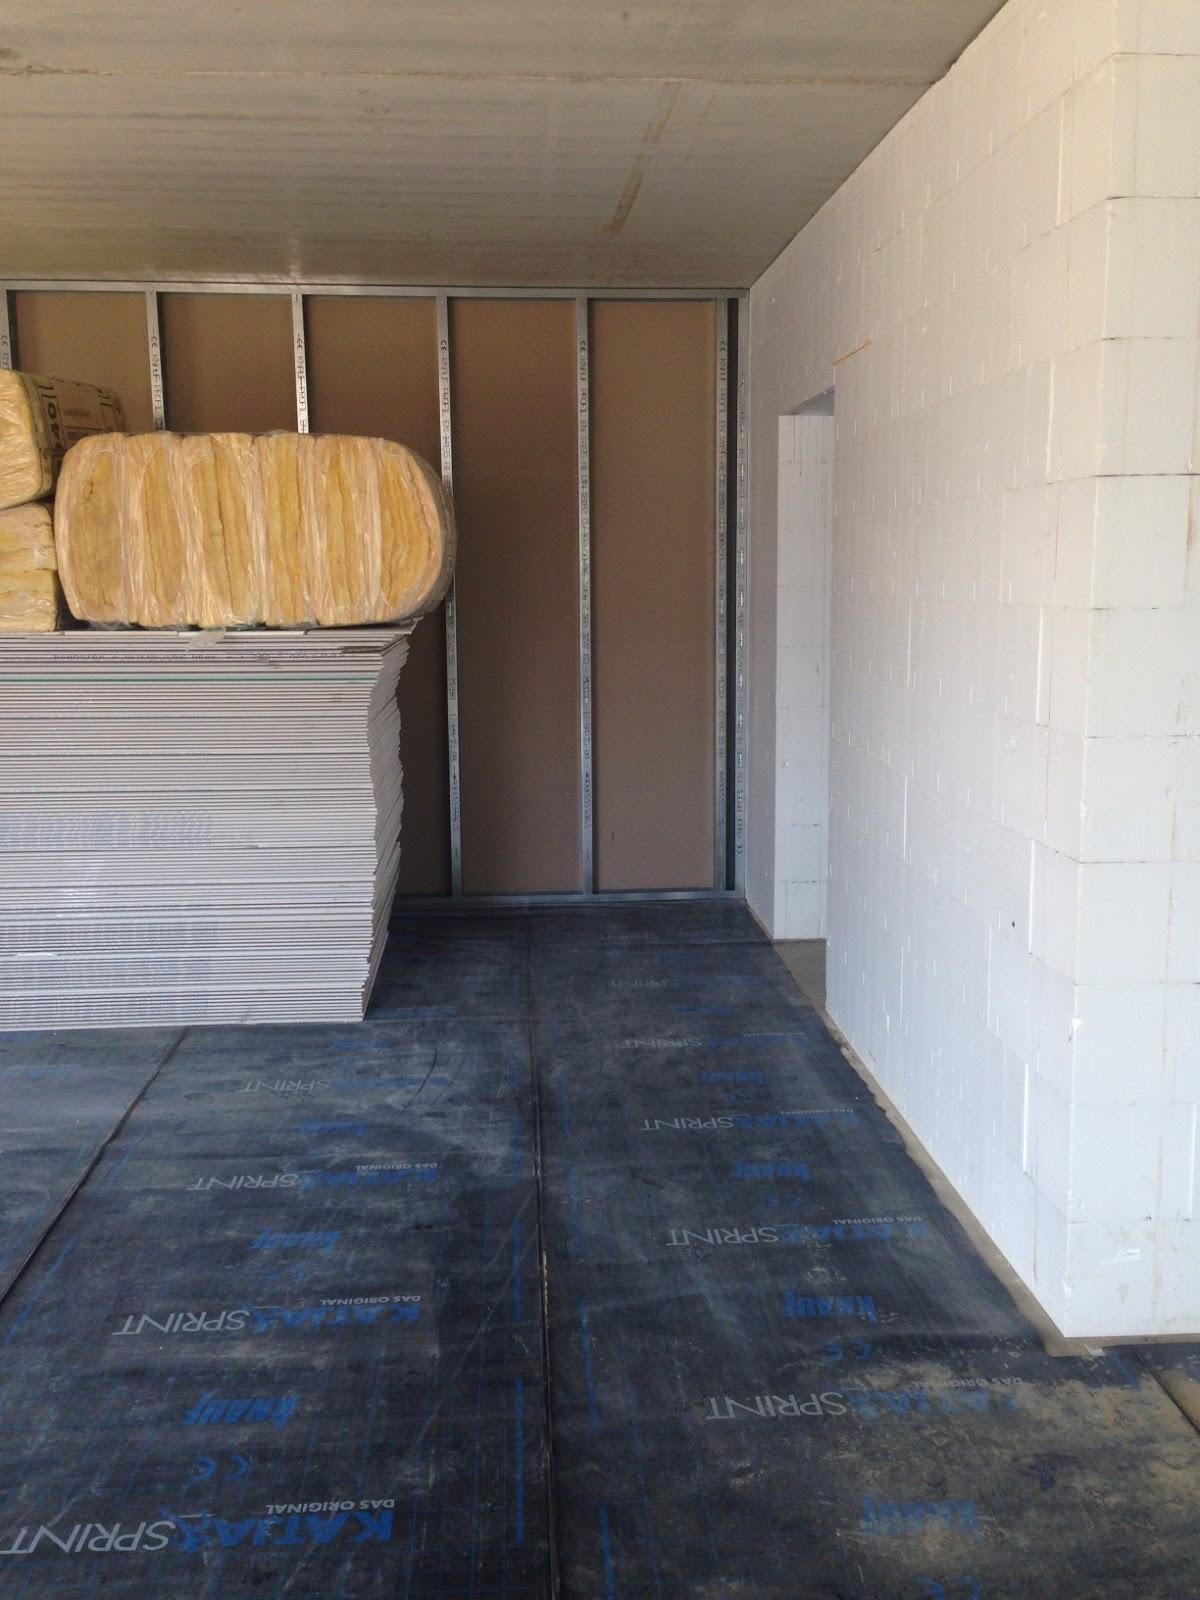 martin und natascha bauen ein haus tag 64 sanit rinstallation. Black Bedroom Furniture Sets. Home Design Ideas